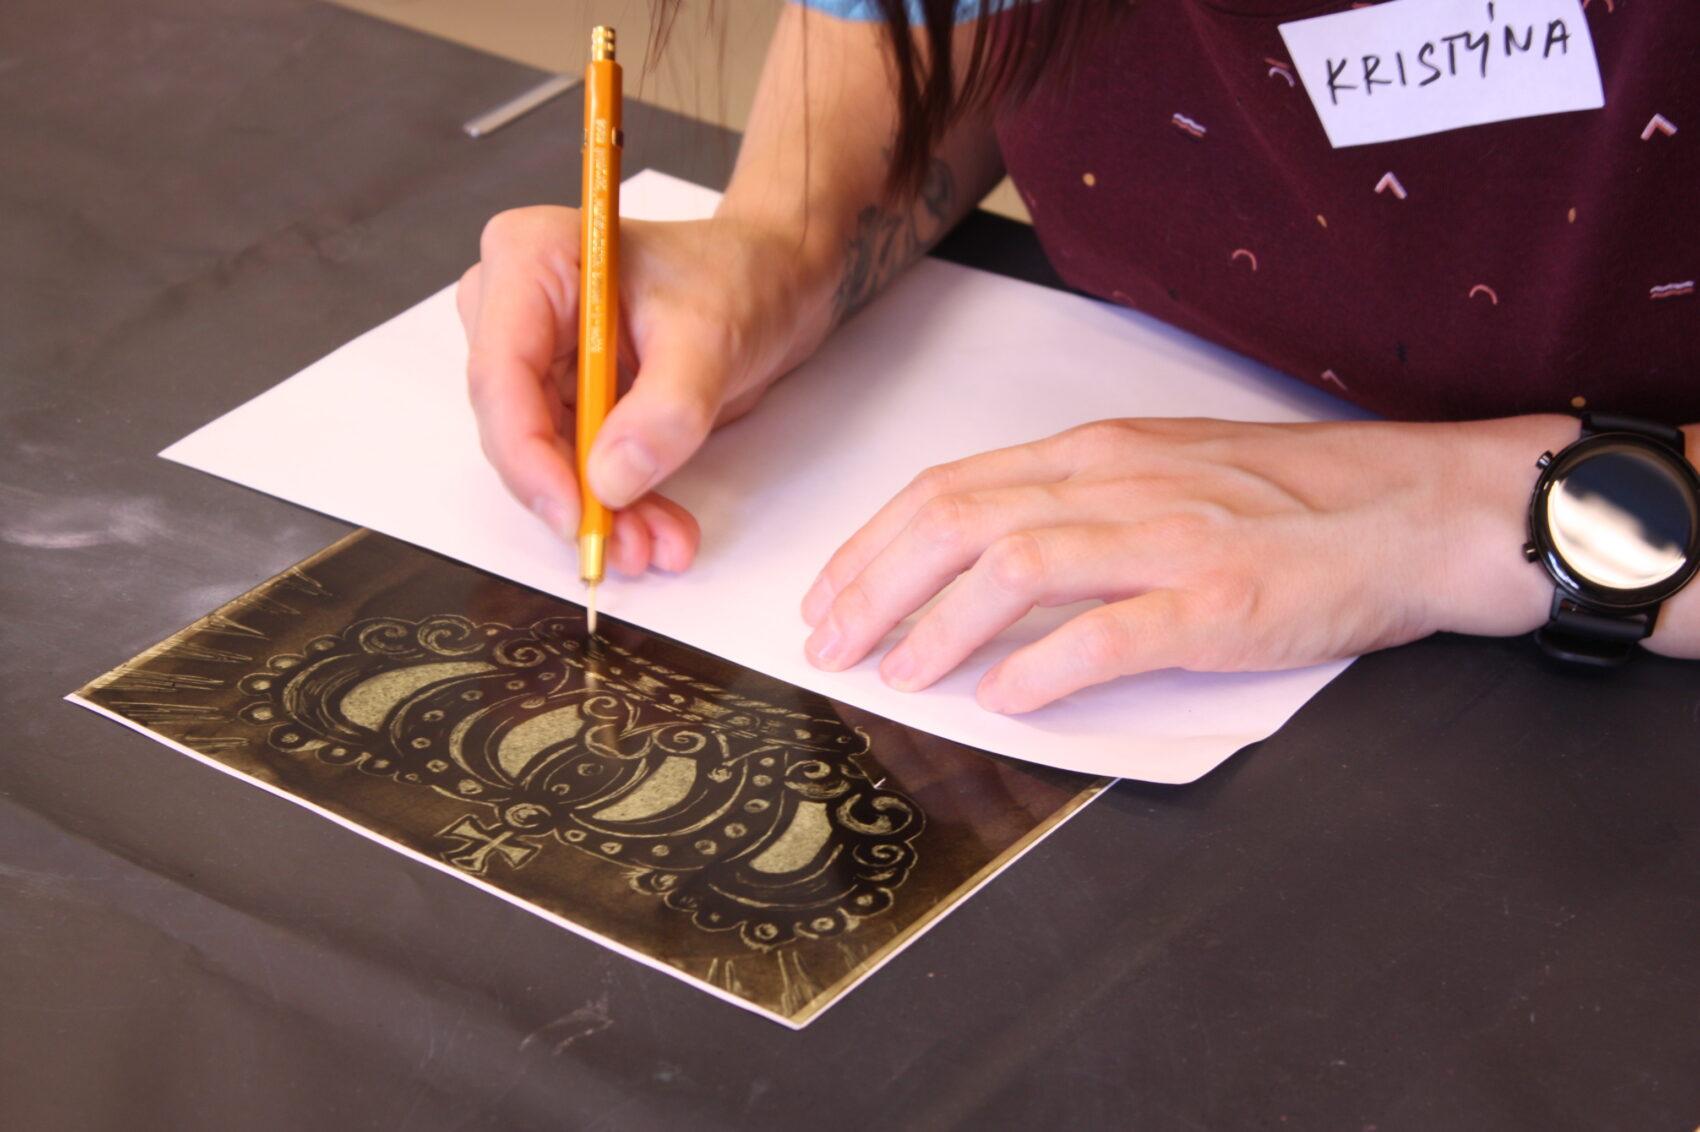 Účastnice dílny překresluje obrázek na sklo.